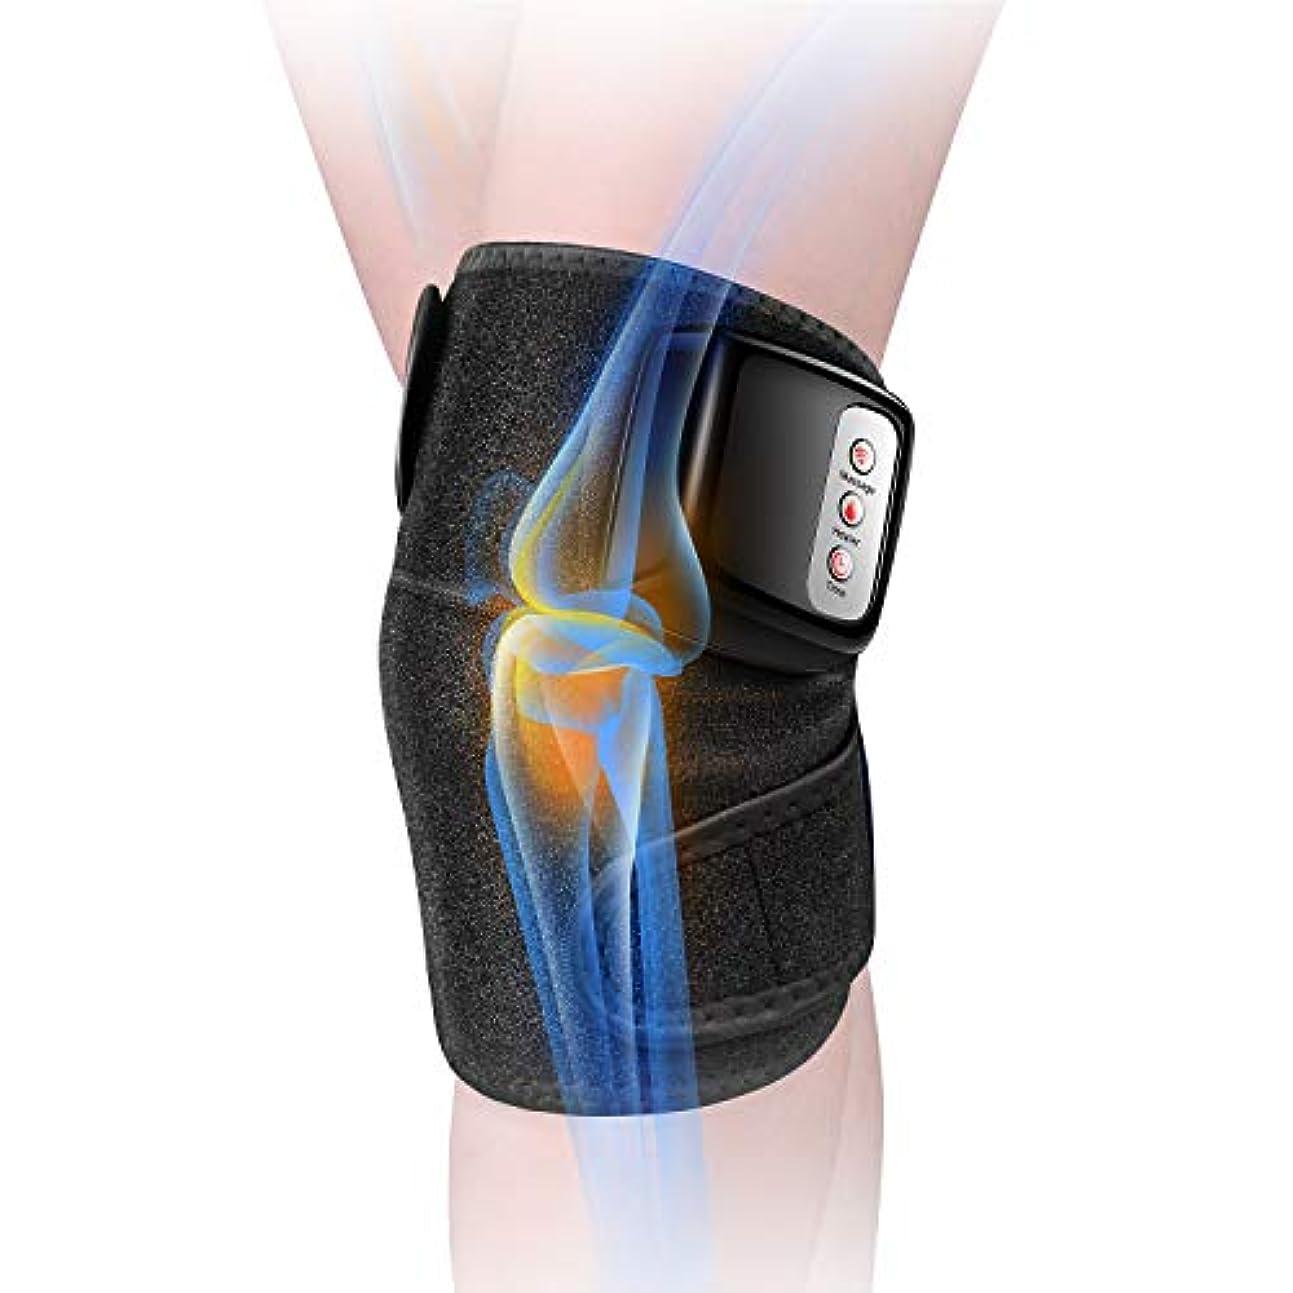 仕立て屋蜂肌寒い膝マッサージャー 関節マッサージャー マッサージ器 フットマッサージャー 振動 赤外線療法 温熱療法 膝サポーター ストレス解消 肩 太もも/腕対応